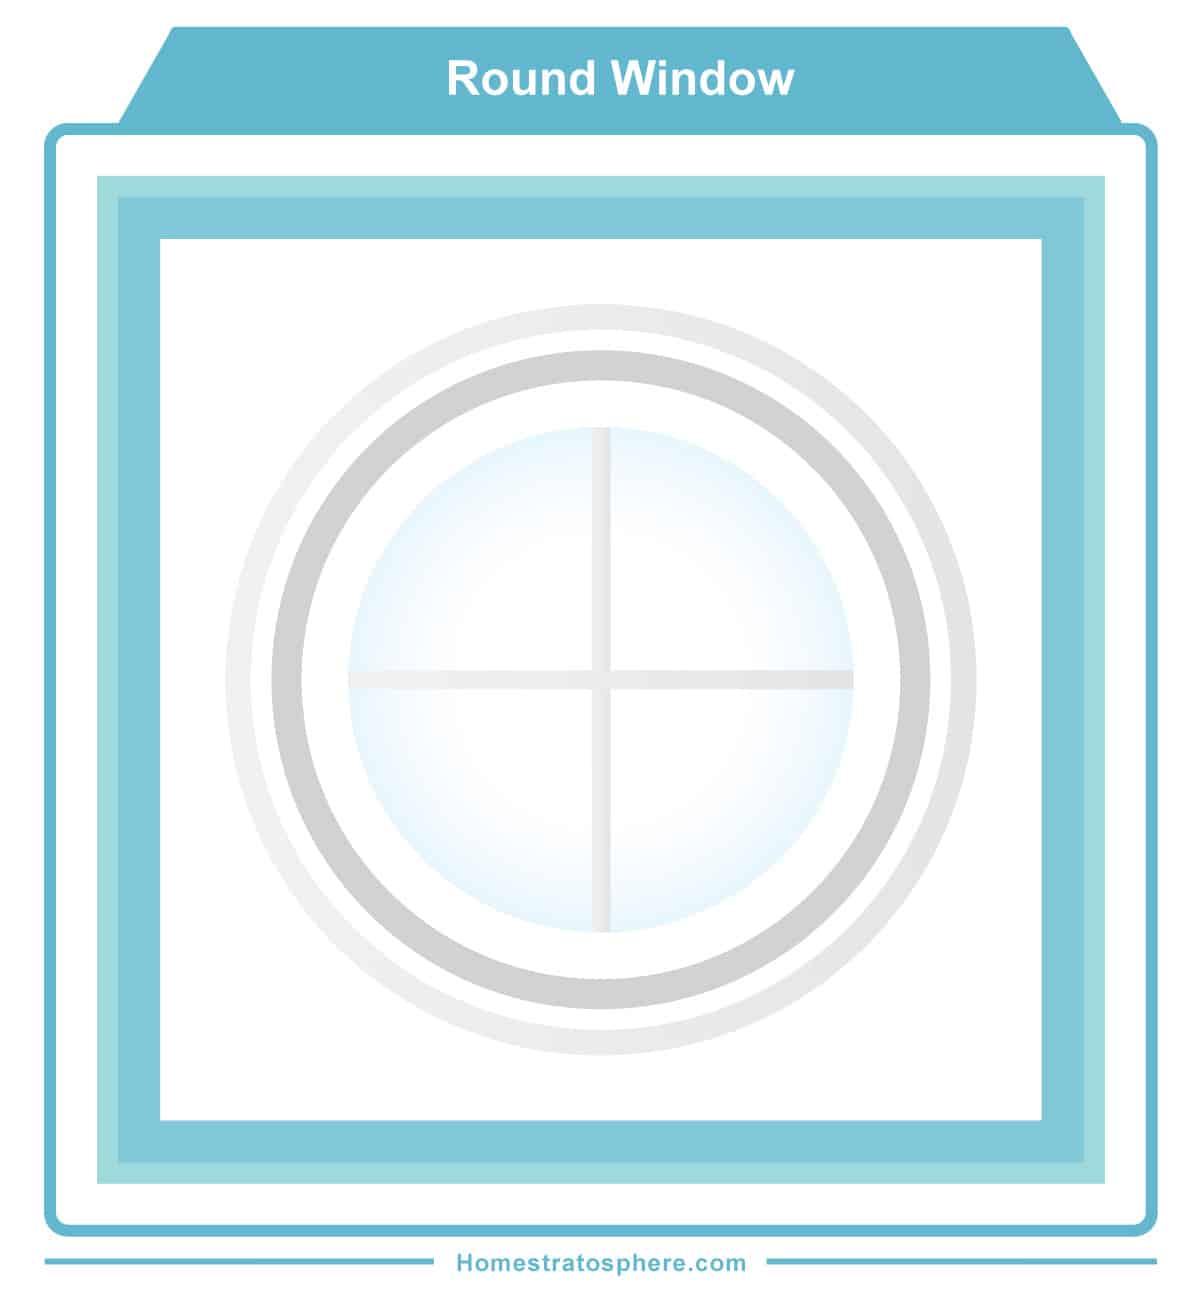 Round window diagram example